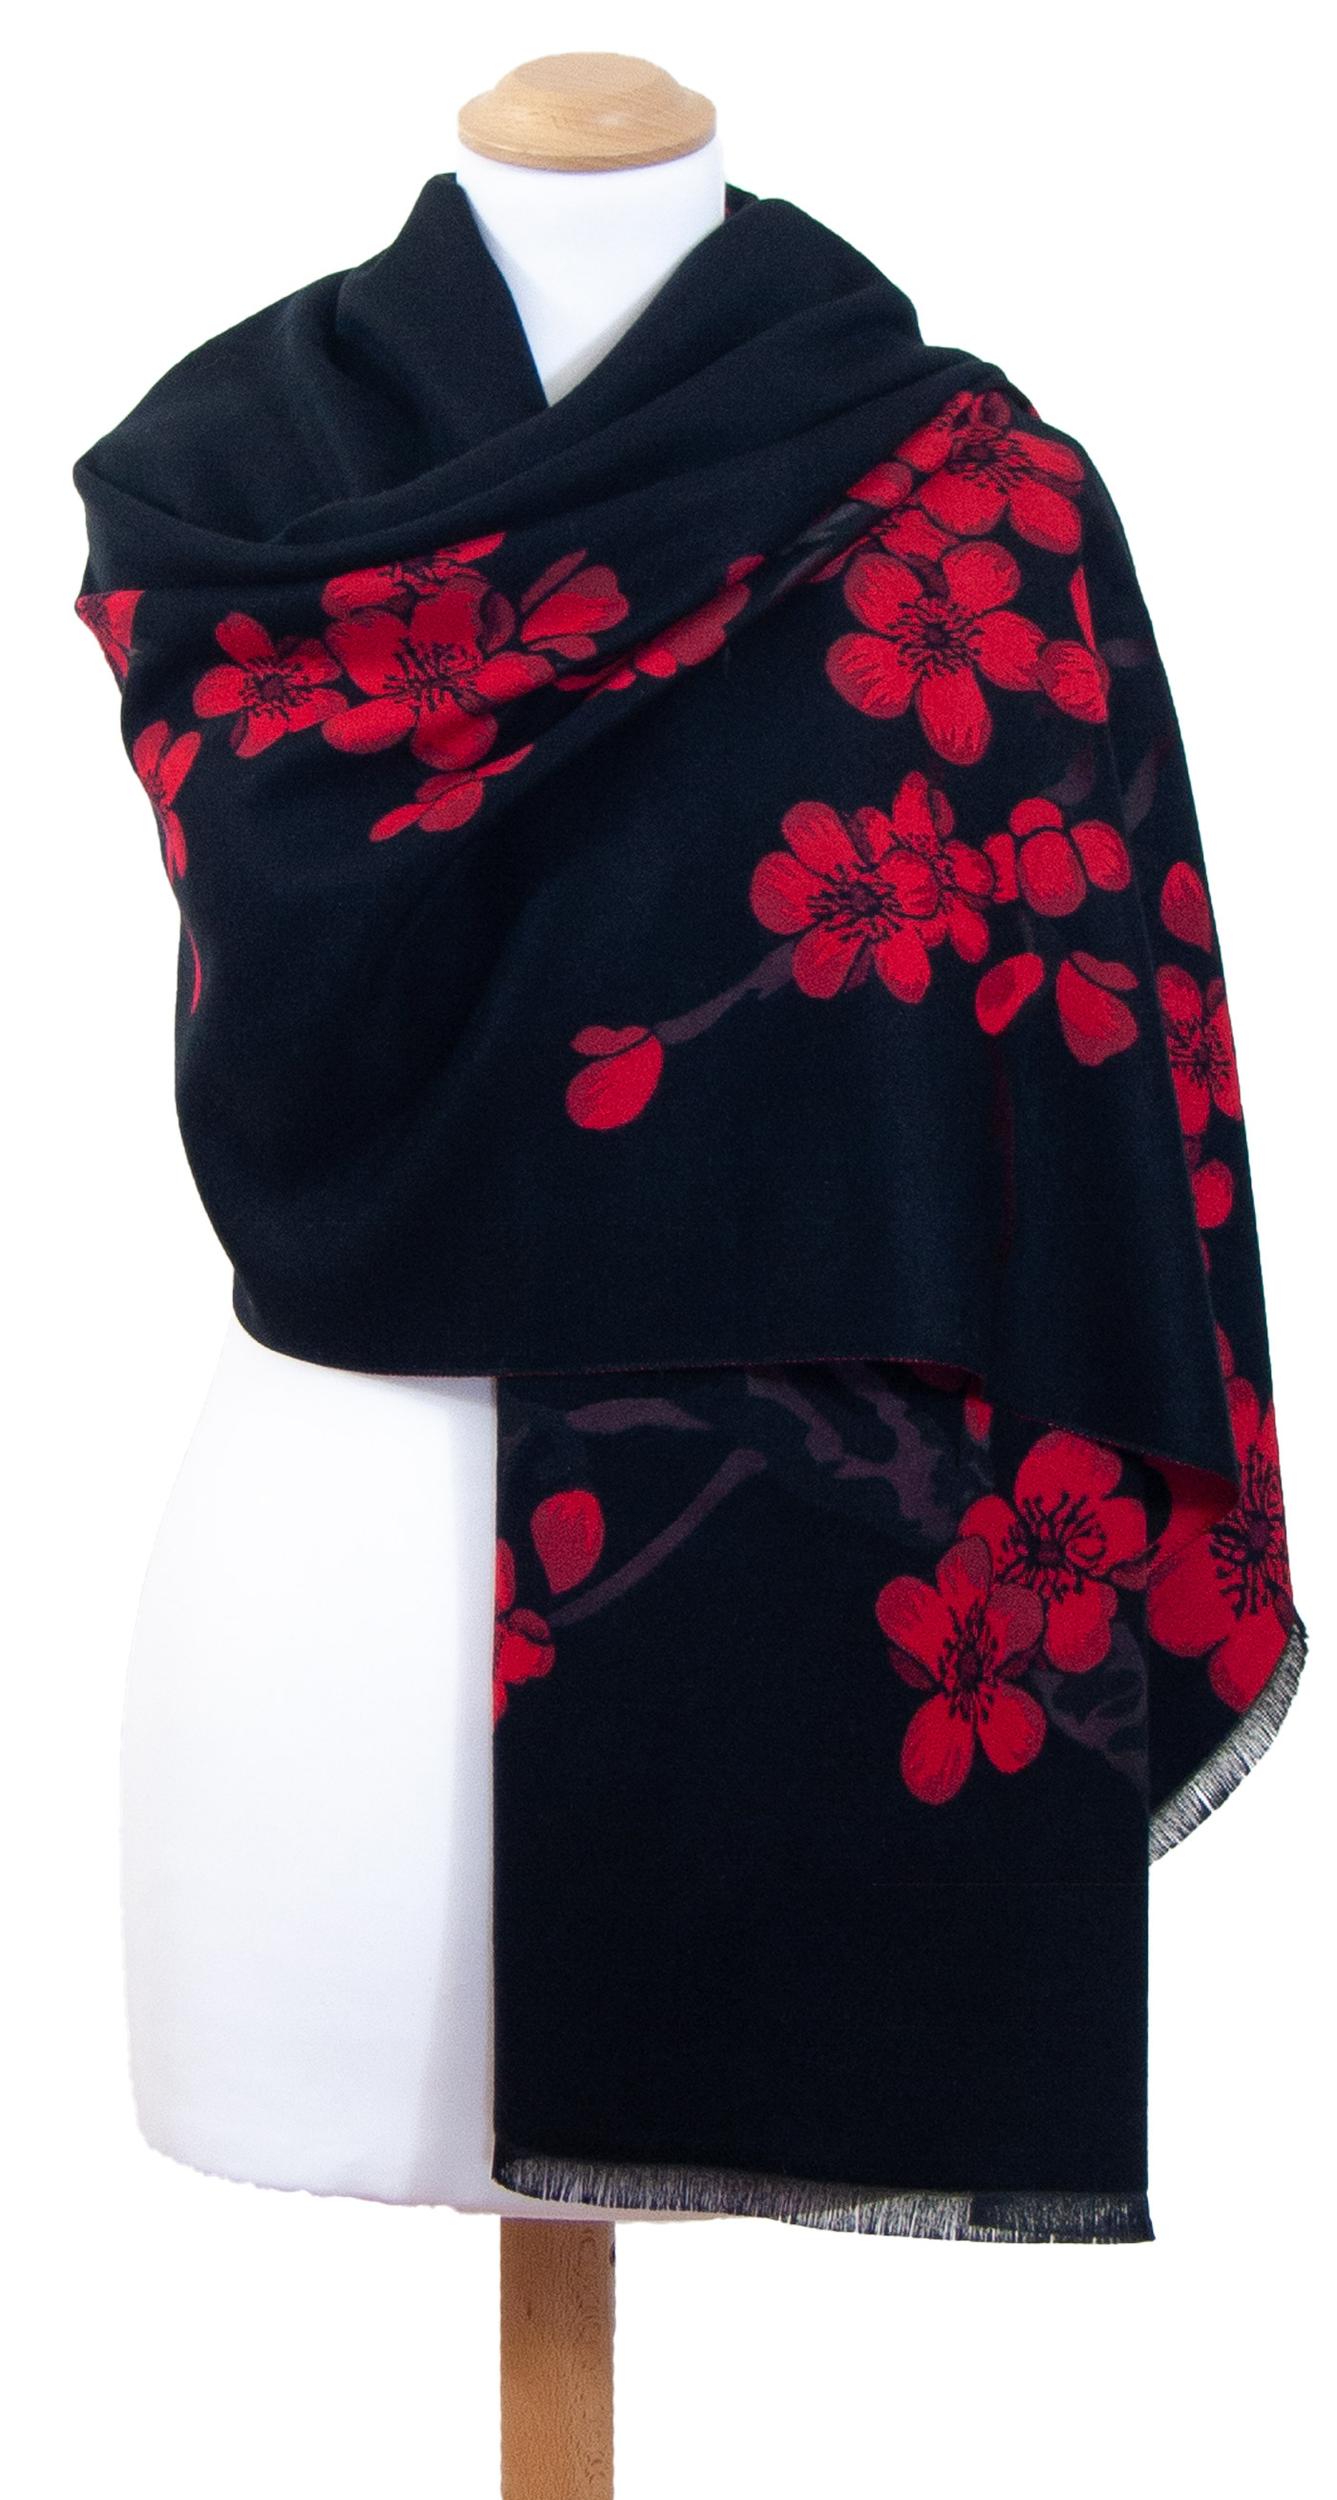 Châle noir rouge fleurs de cerisiers